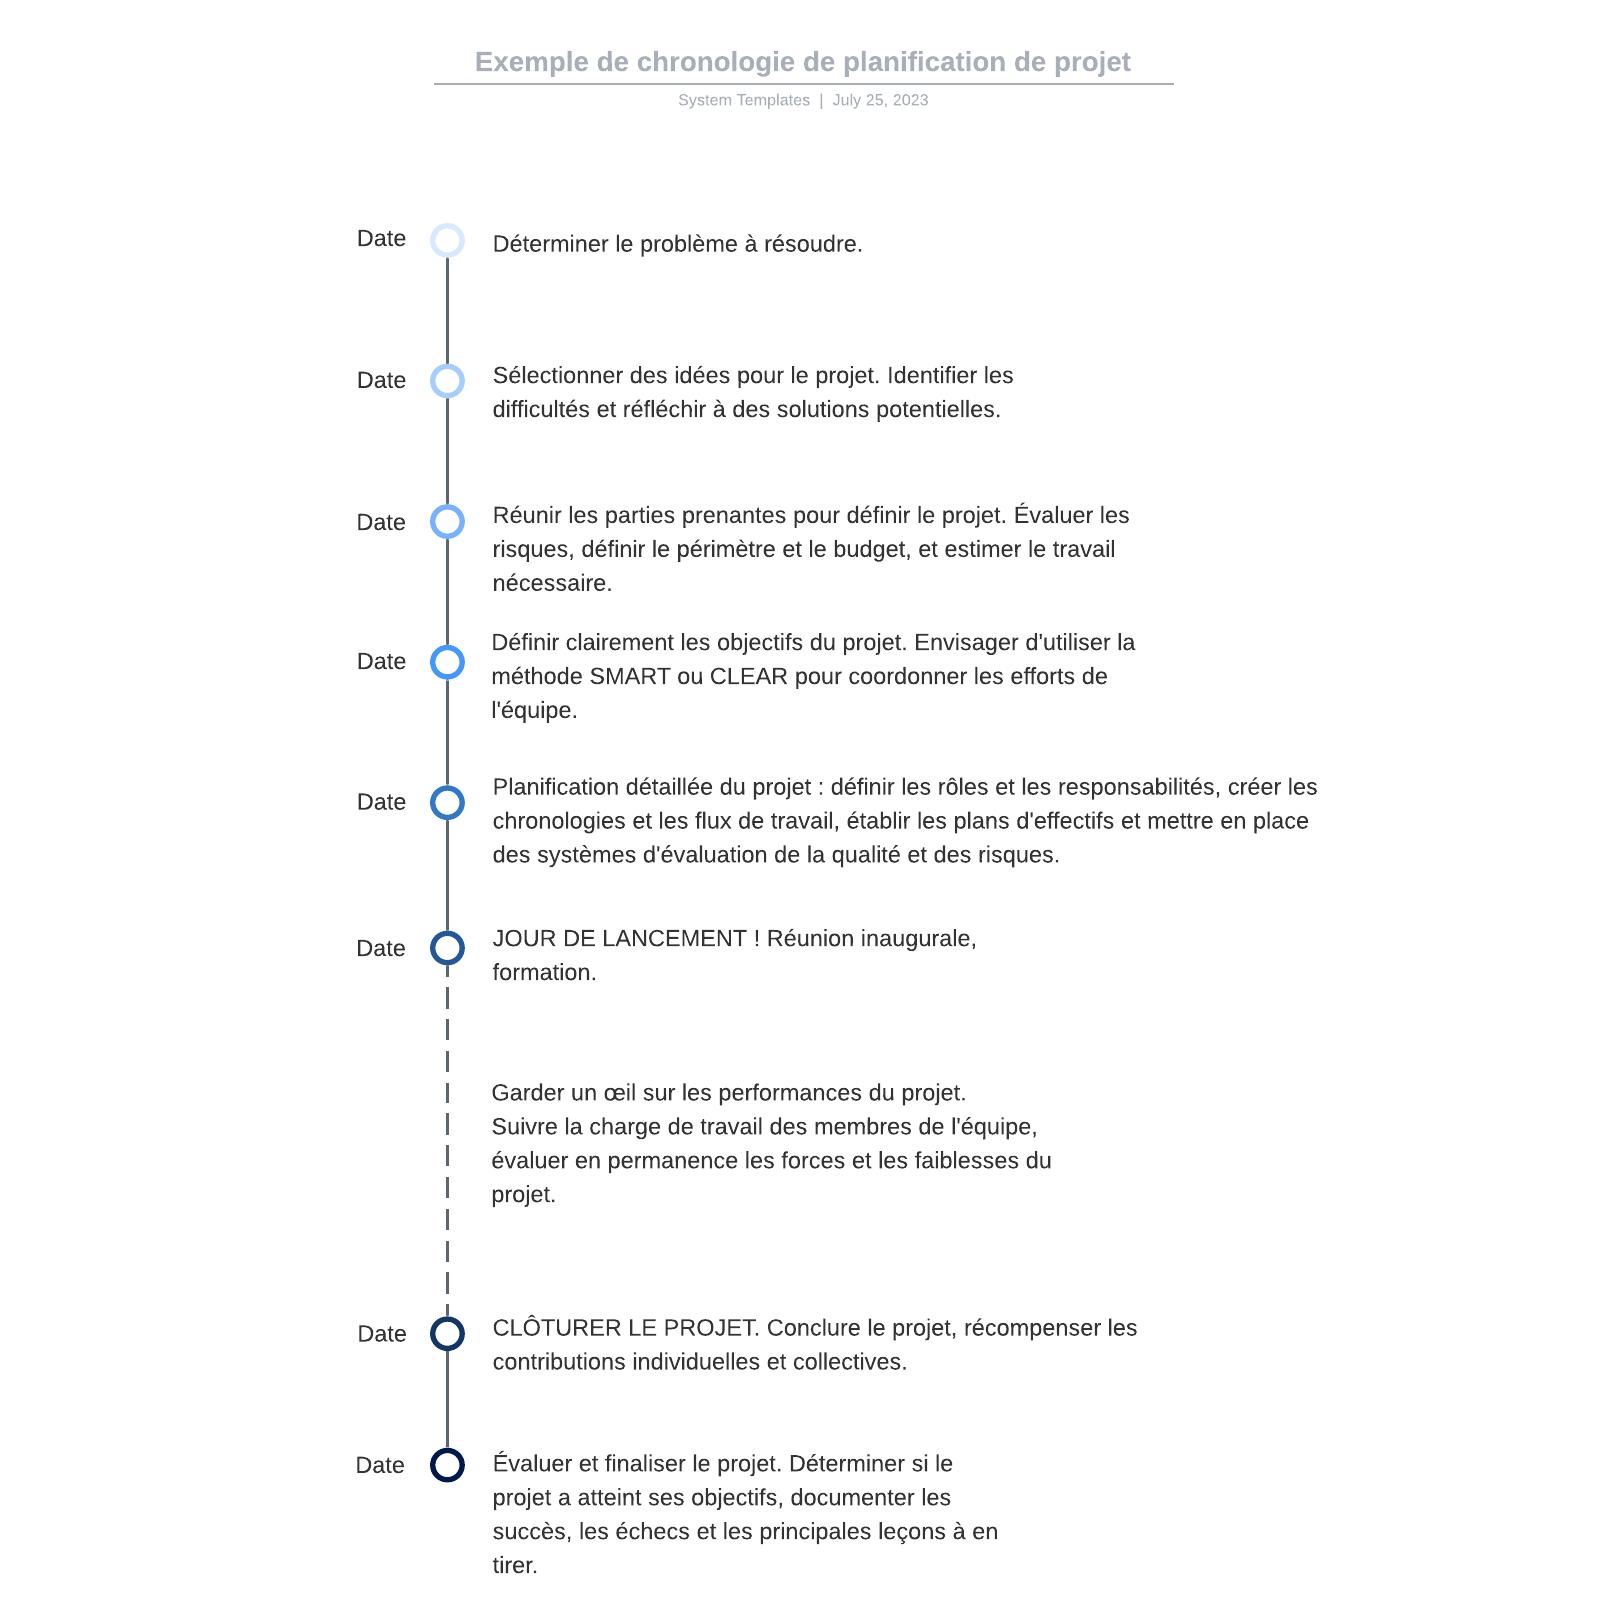 exemple de chronologie de planification de projet